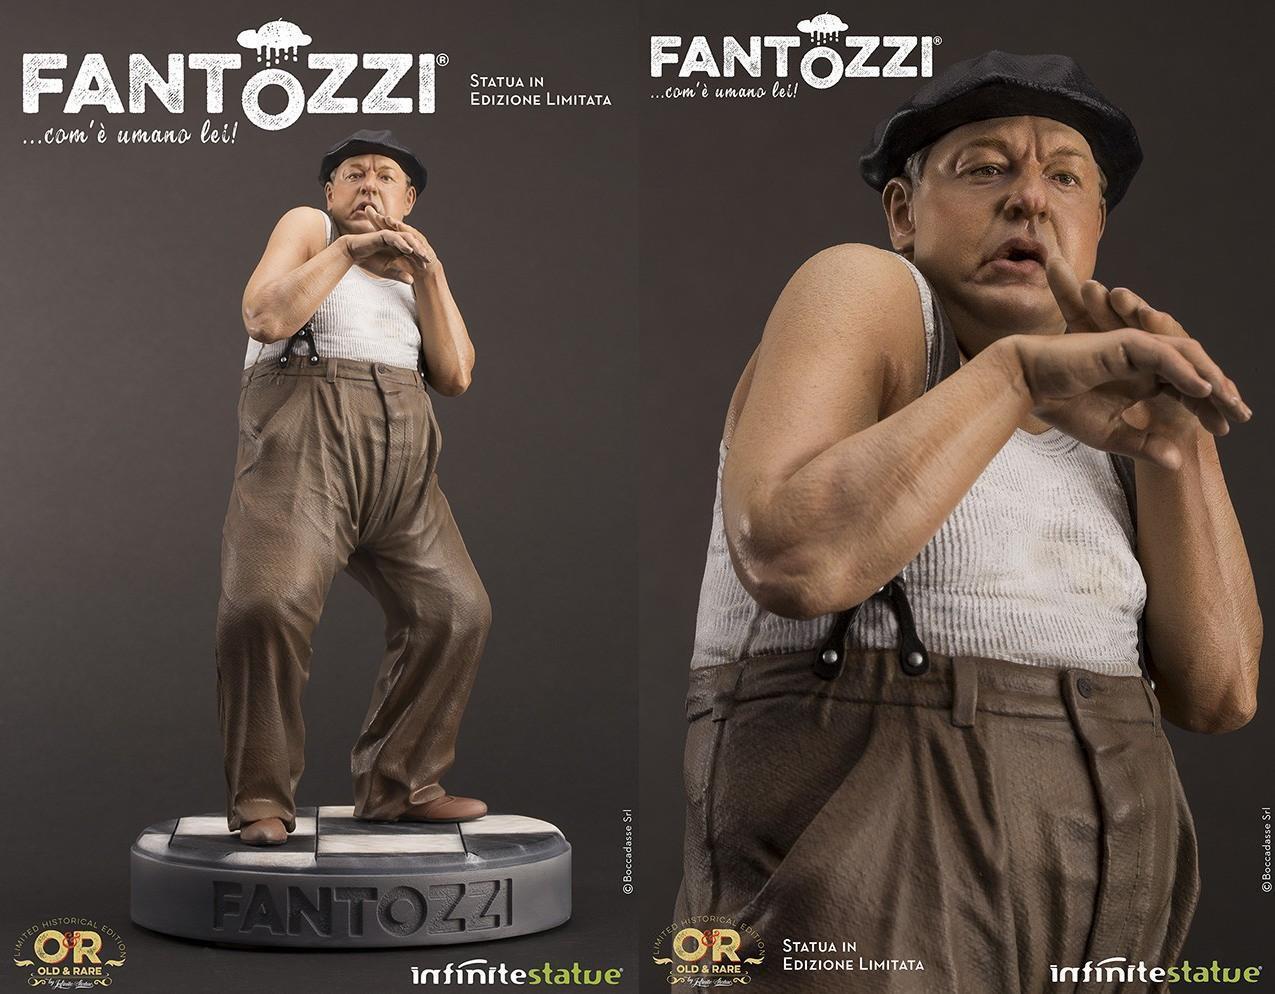 INFINITE - Fantozzi Paolo Villaggio Old & Rare statua [=-